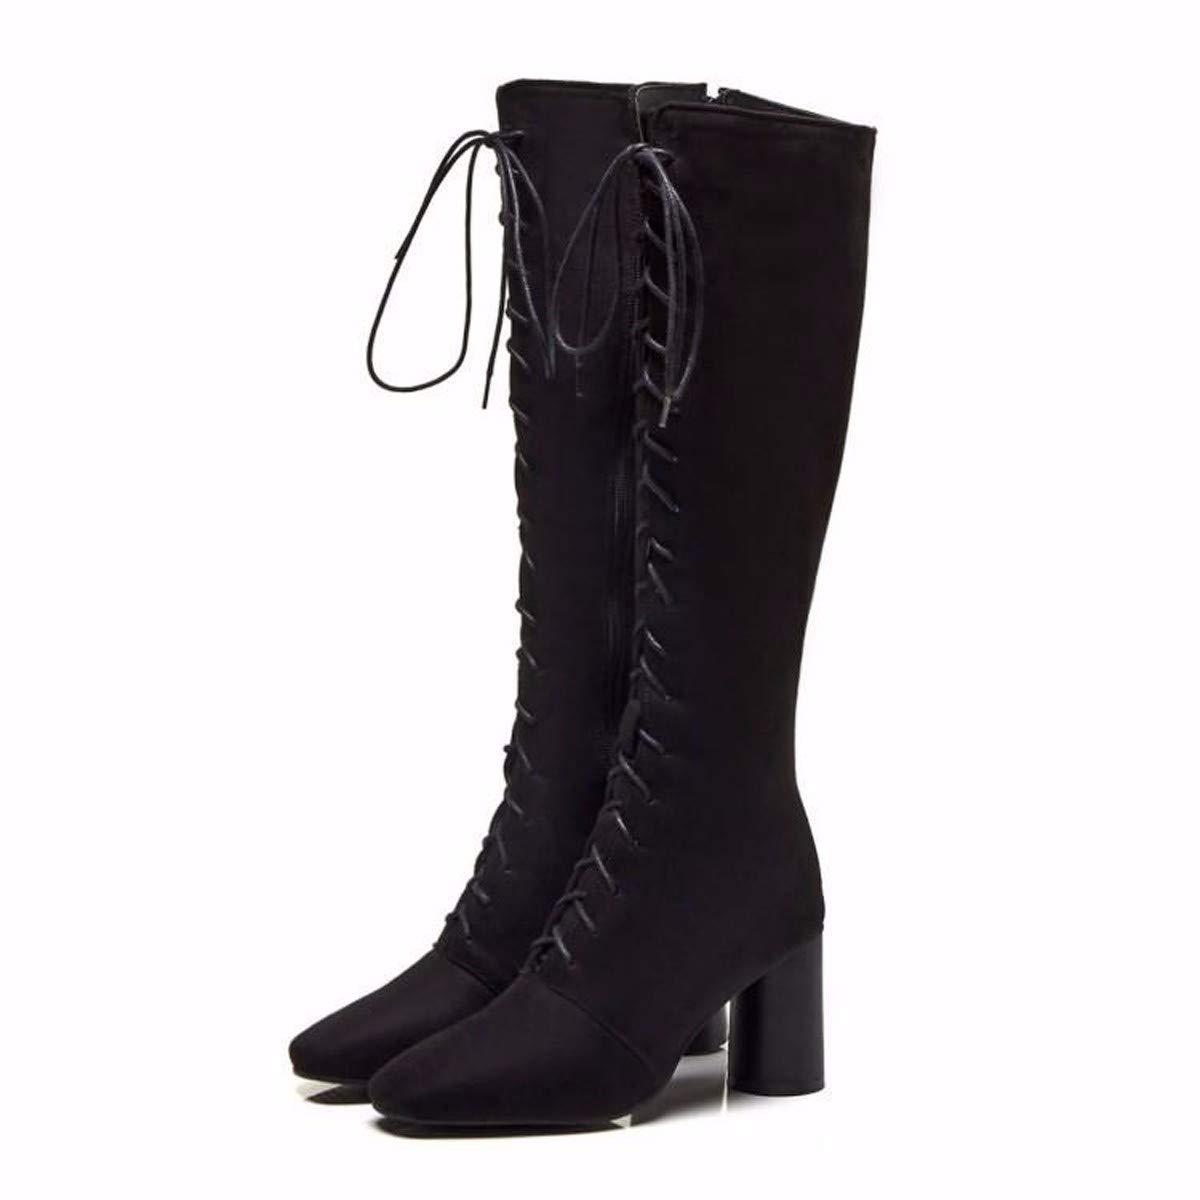 LBTSQ-Mode Damenschuhe Knie - Stiefel Mit Hohen 7Cm Pravokotno Glavo Dicke Sohle Hohe Rohr Ritter Stiefel Wildleder Hohe Stiefel.